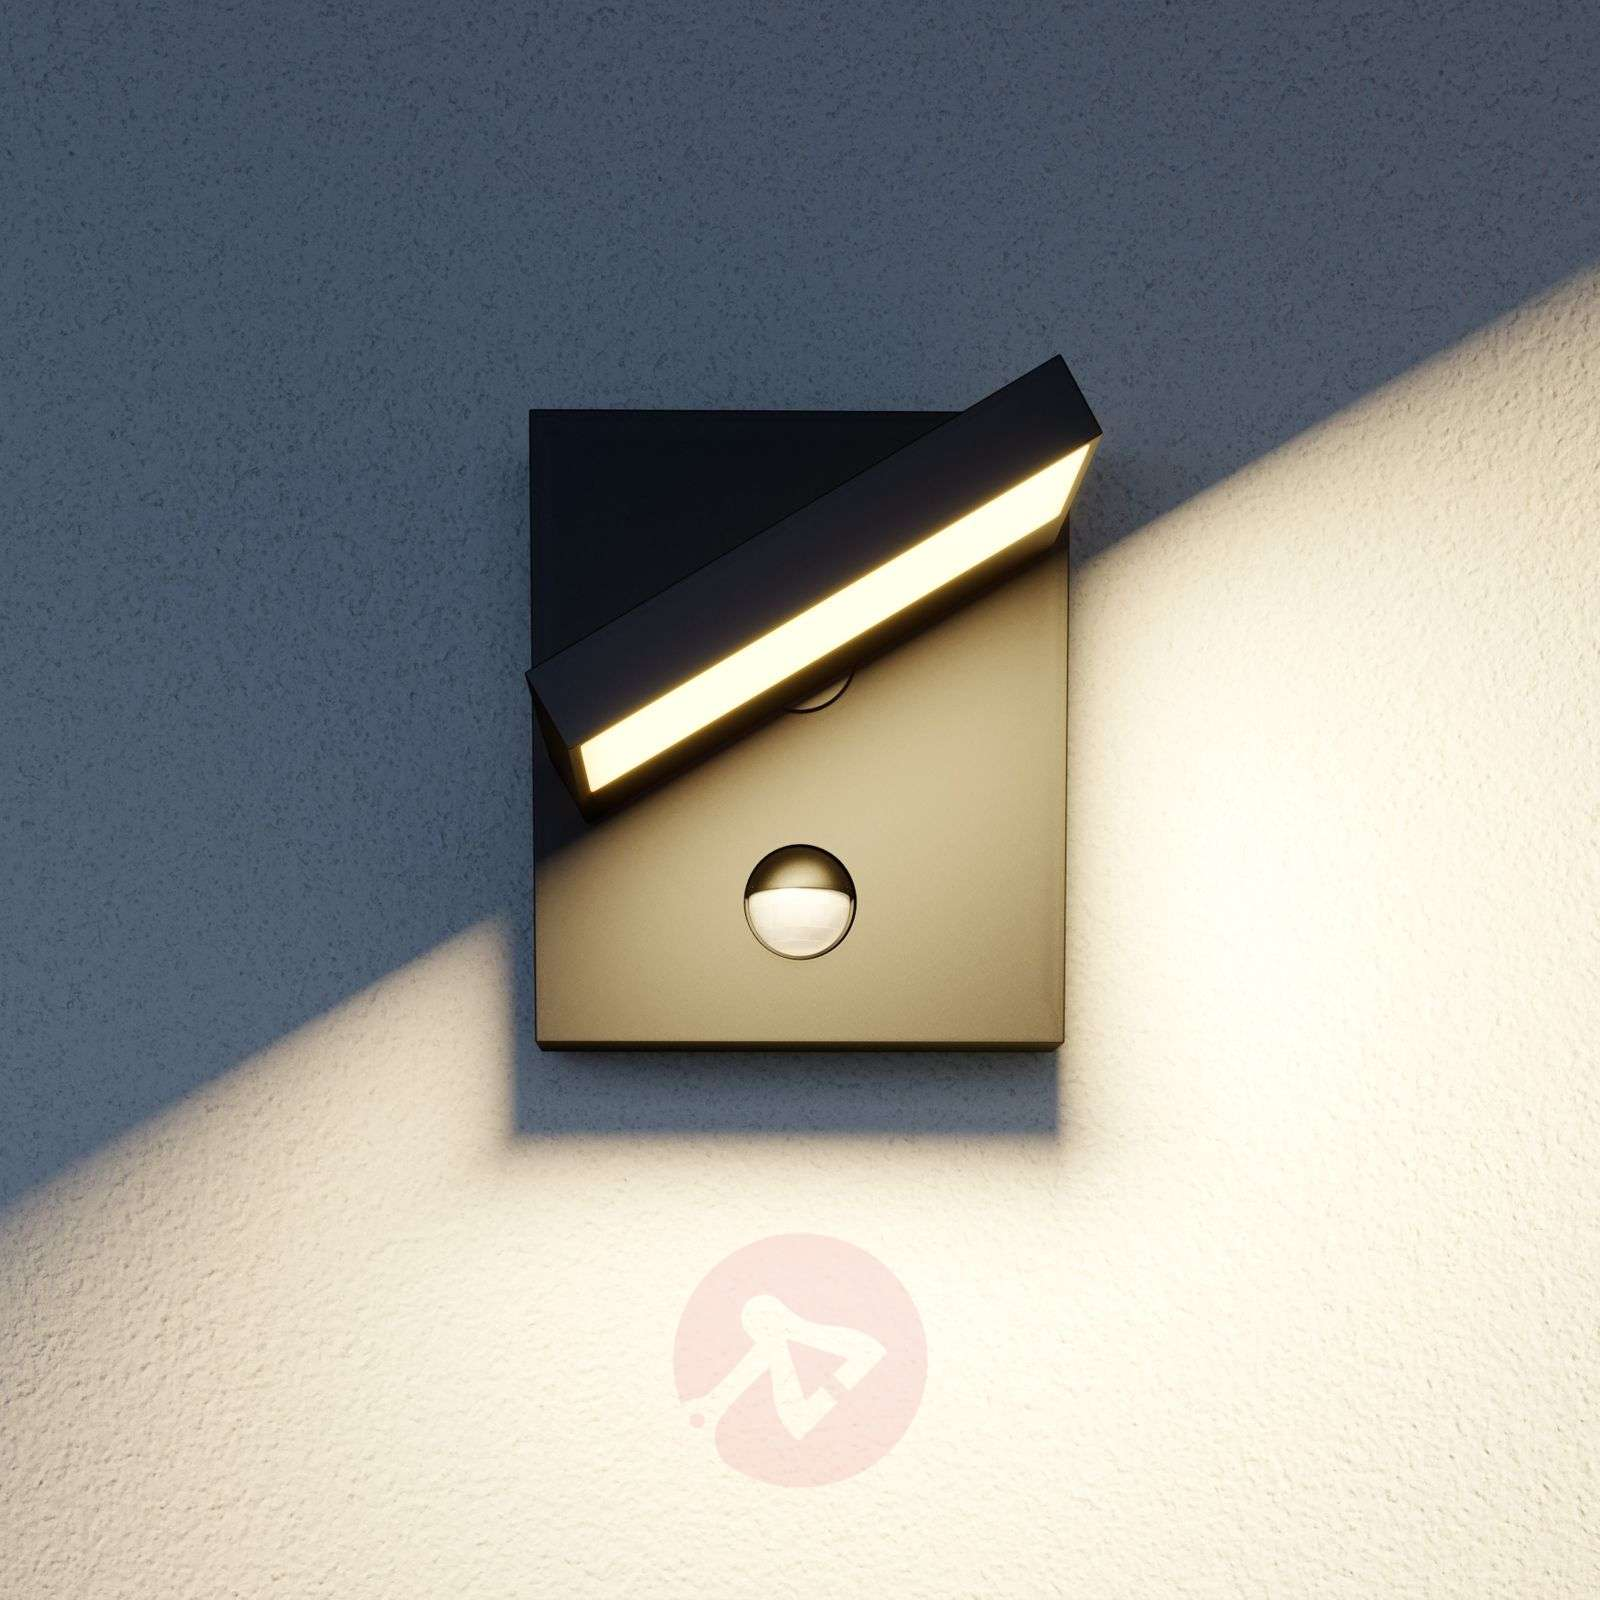 LED-ulkoseinävalaisin, Silvan, liikkeentunnistin-9619174-02